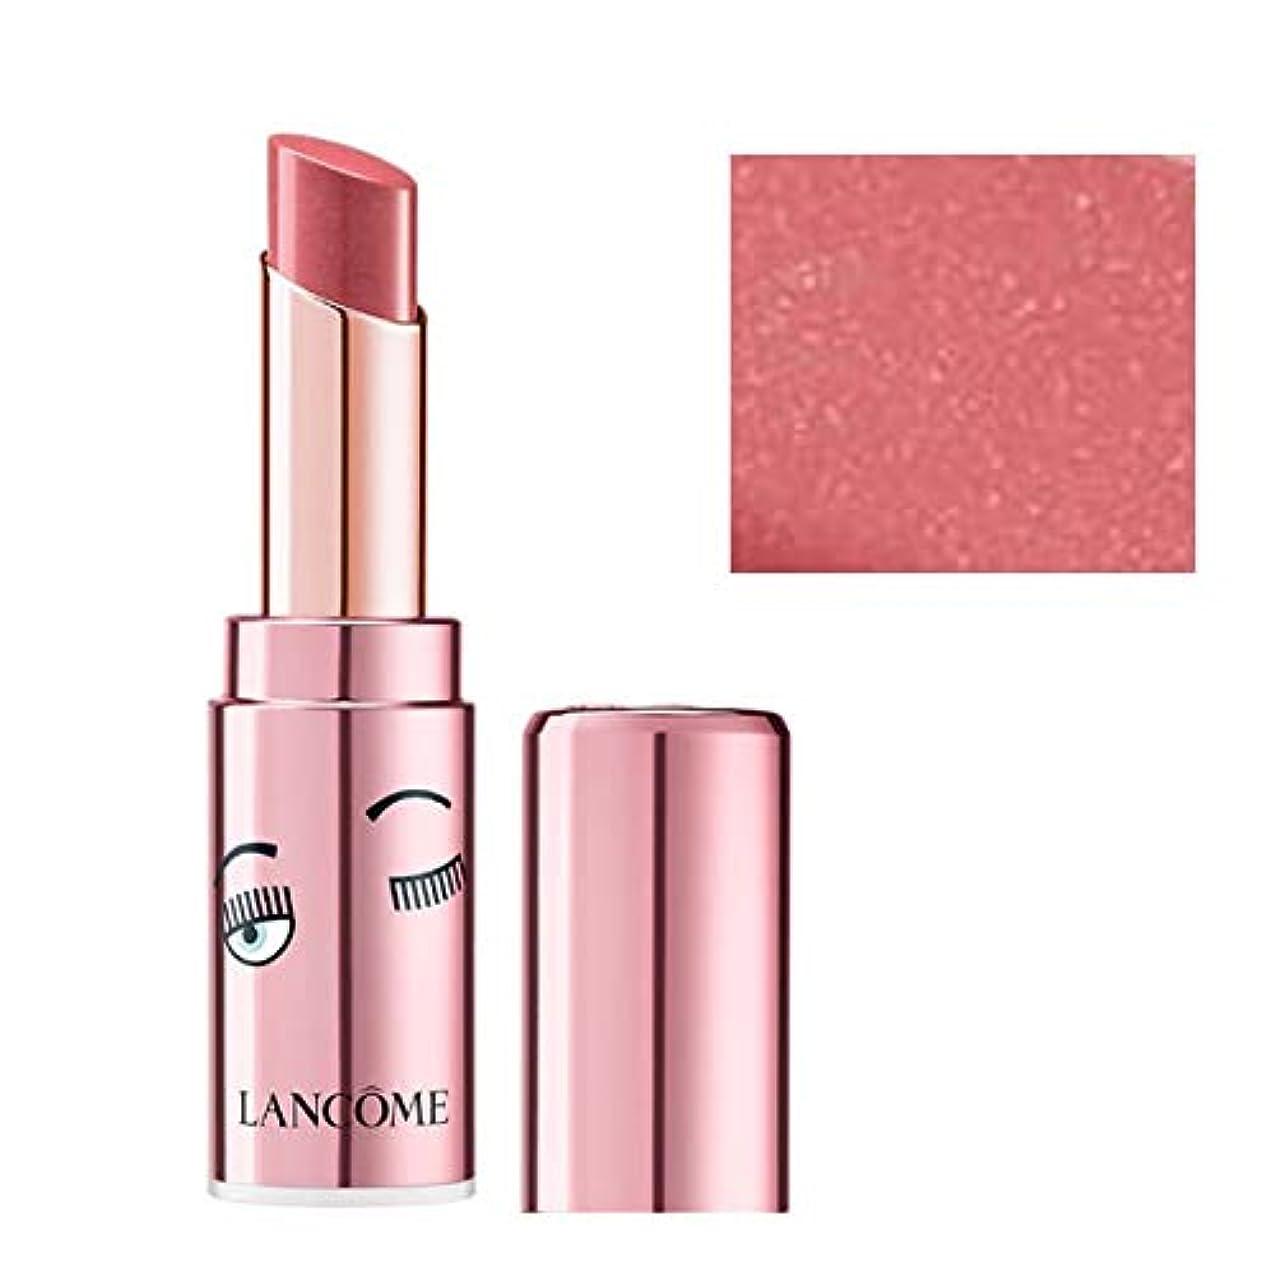 シェアカタログボイコットランコム(LANCOME), 限定版 limited-edition, x Chiara Ferragni L'Absolu Mademoiselle Shine Balm Lipstick - Independent...